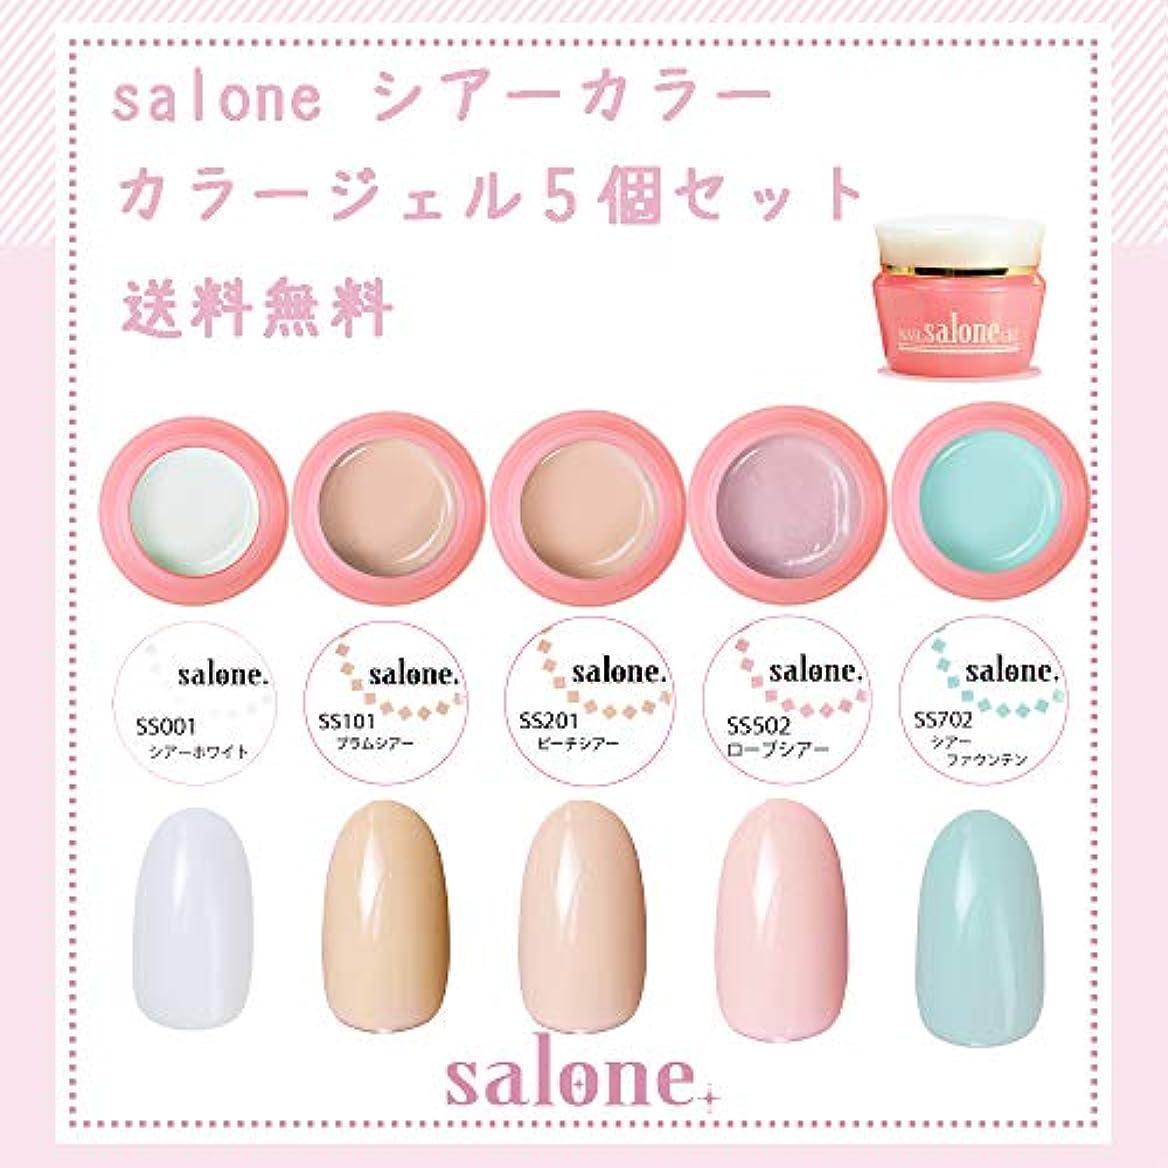 ポルノ細菌のホスト【送料無料 日本製】Salone シアーカラーカラージェル5個セット アンニュイでグラデーションにもピッタリなカラー